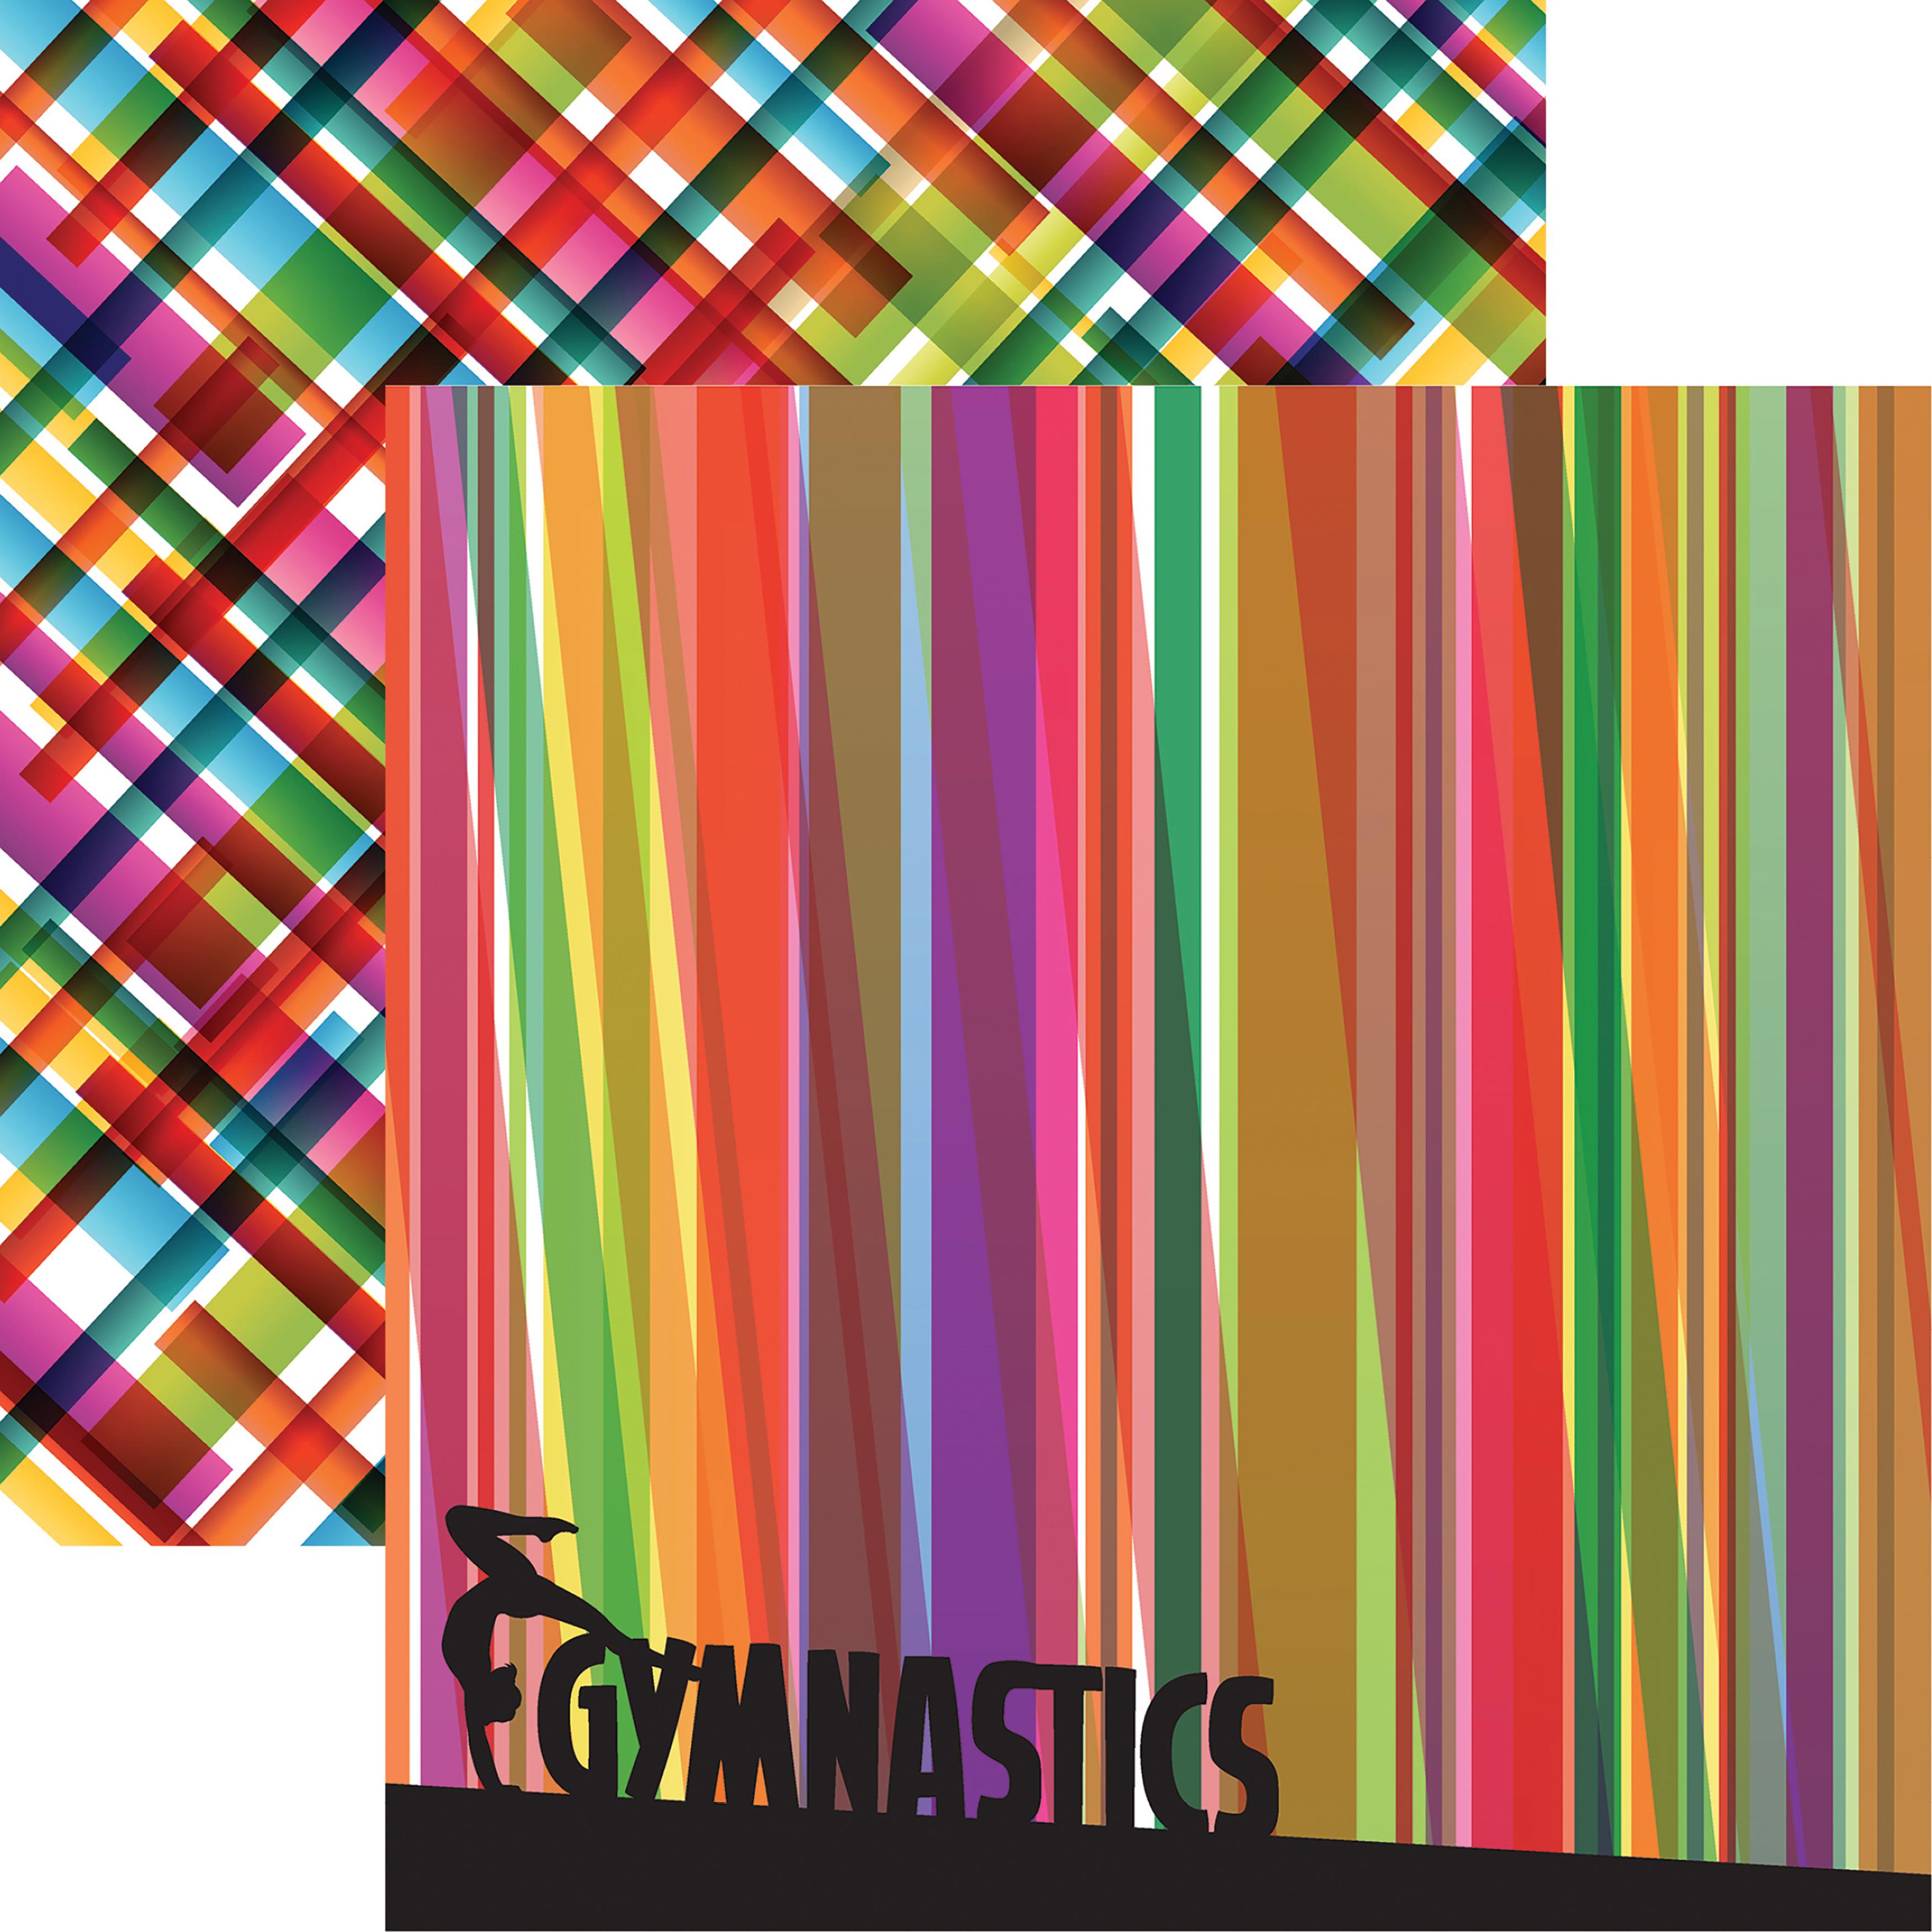 Reminisce Gymnastics Double-Sided Cardstock 12x12- Gymnastics